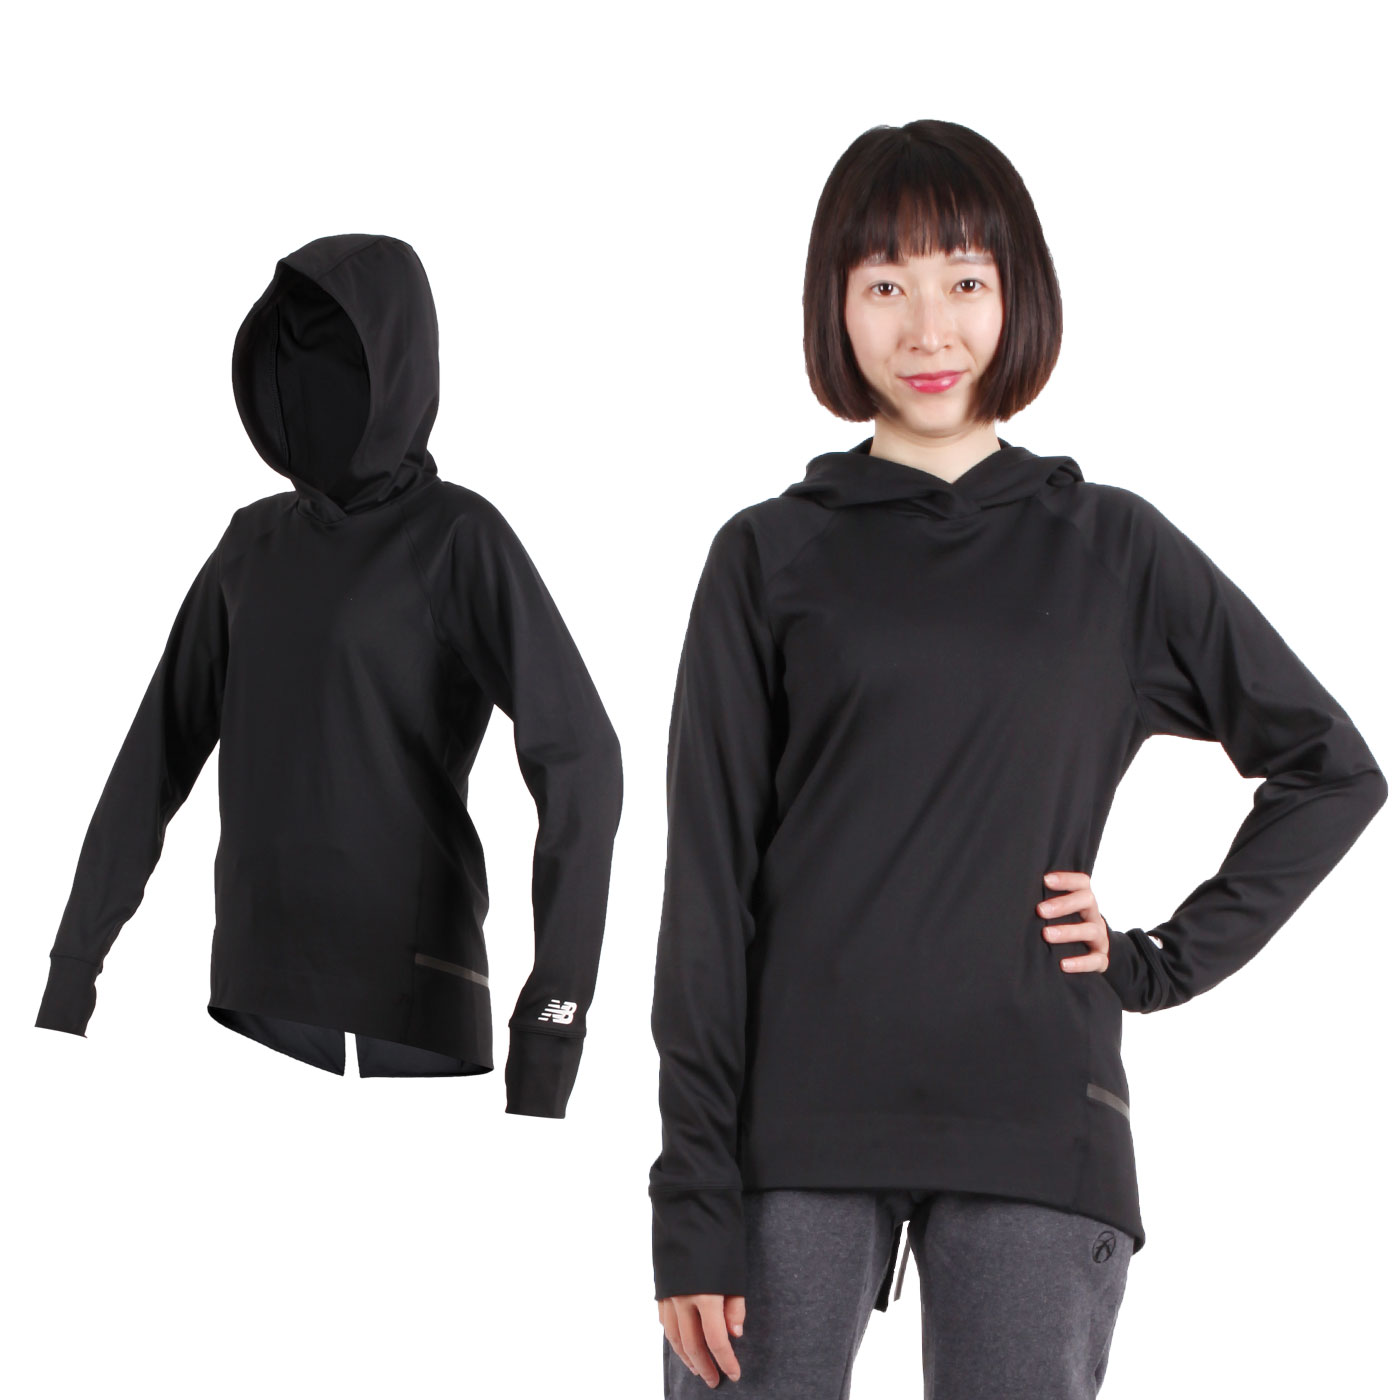 NEW BALANCE 女款長袖連帽T恤 WT91502BK - 黑